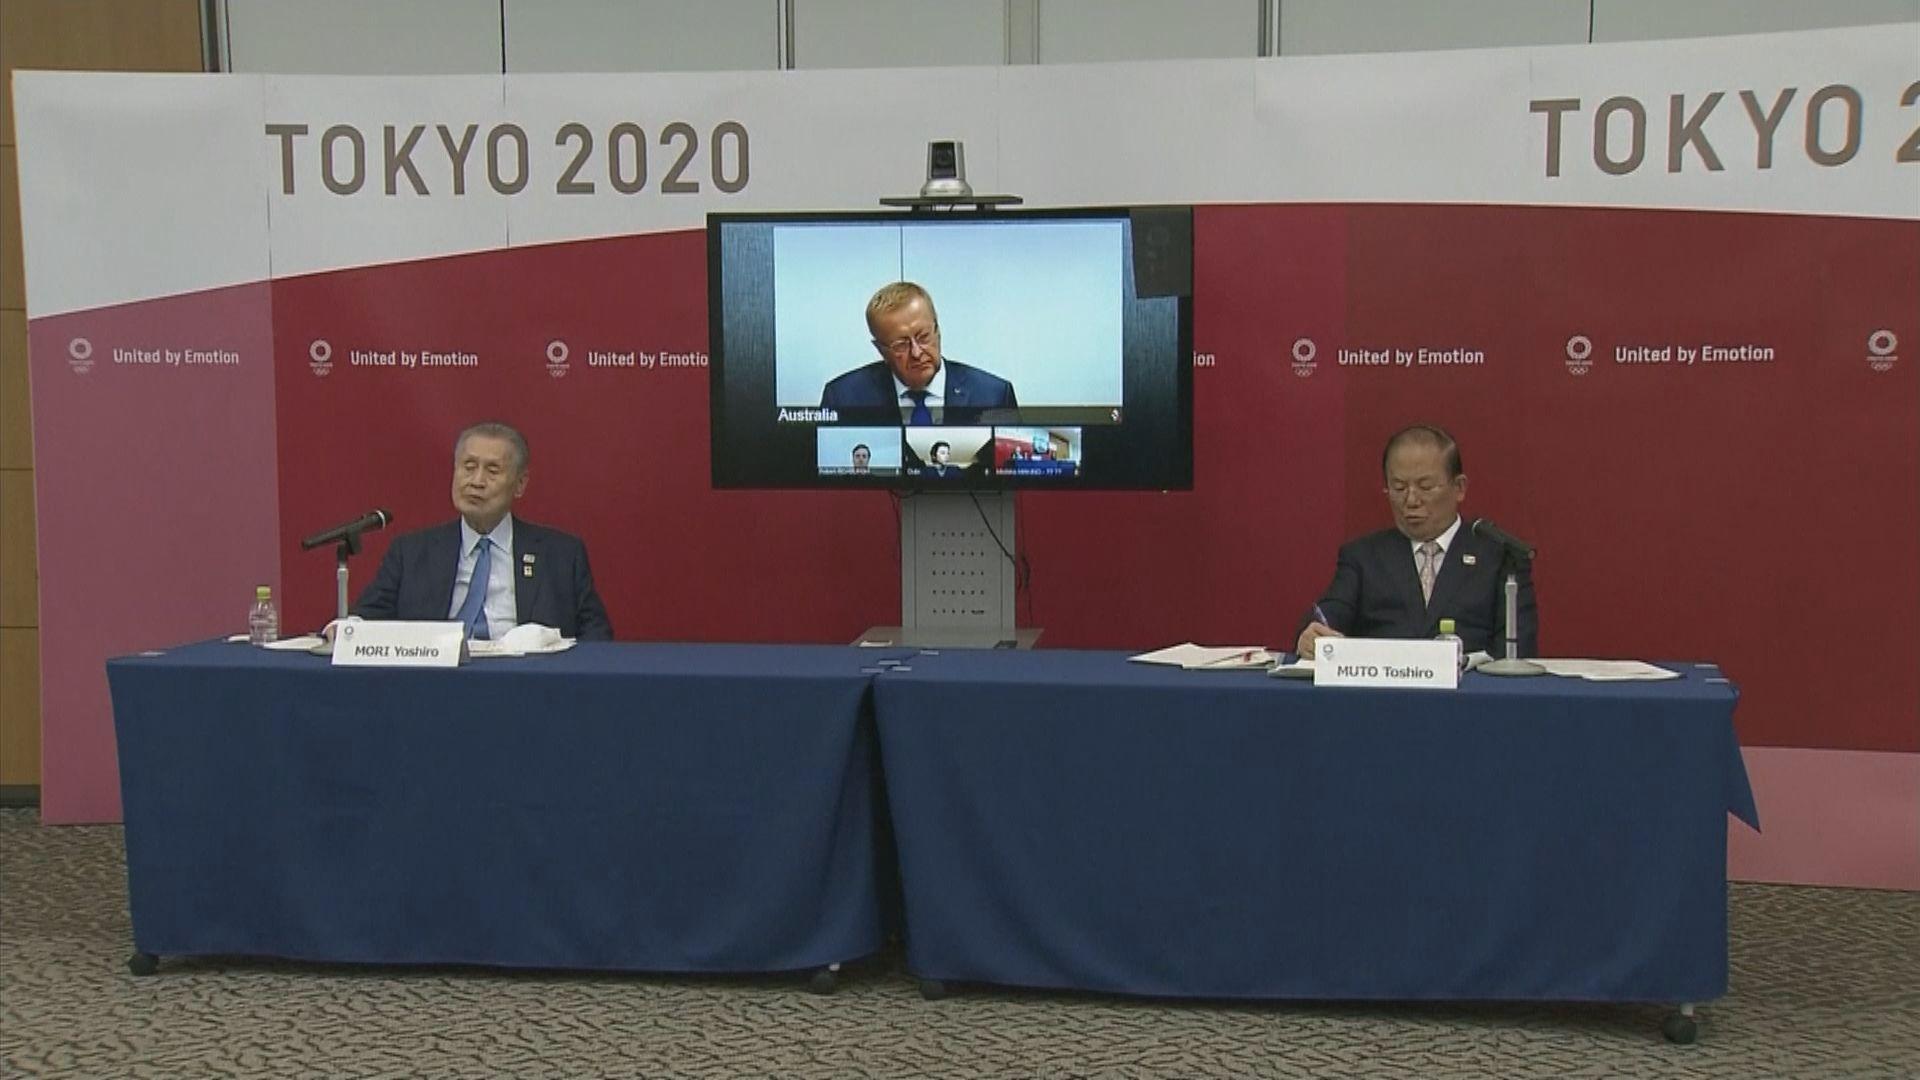 東京奧組委主席:若疫情明年前未受控 東奧將取消